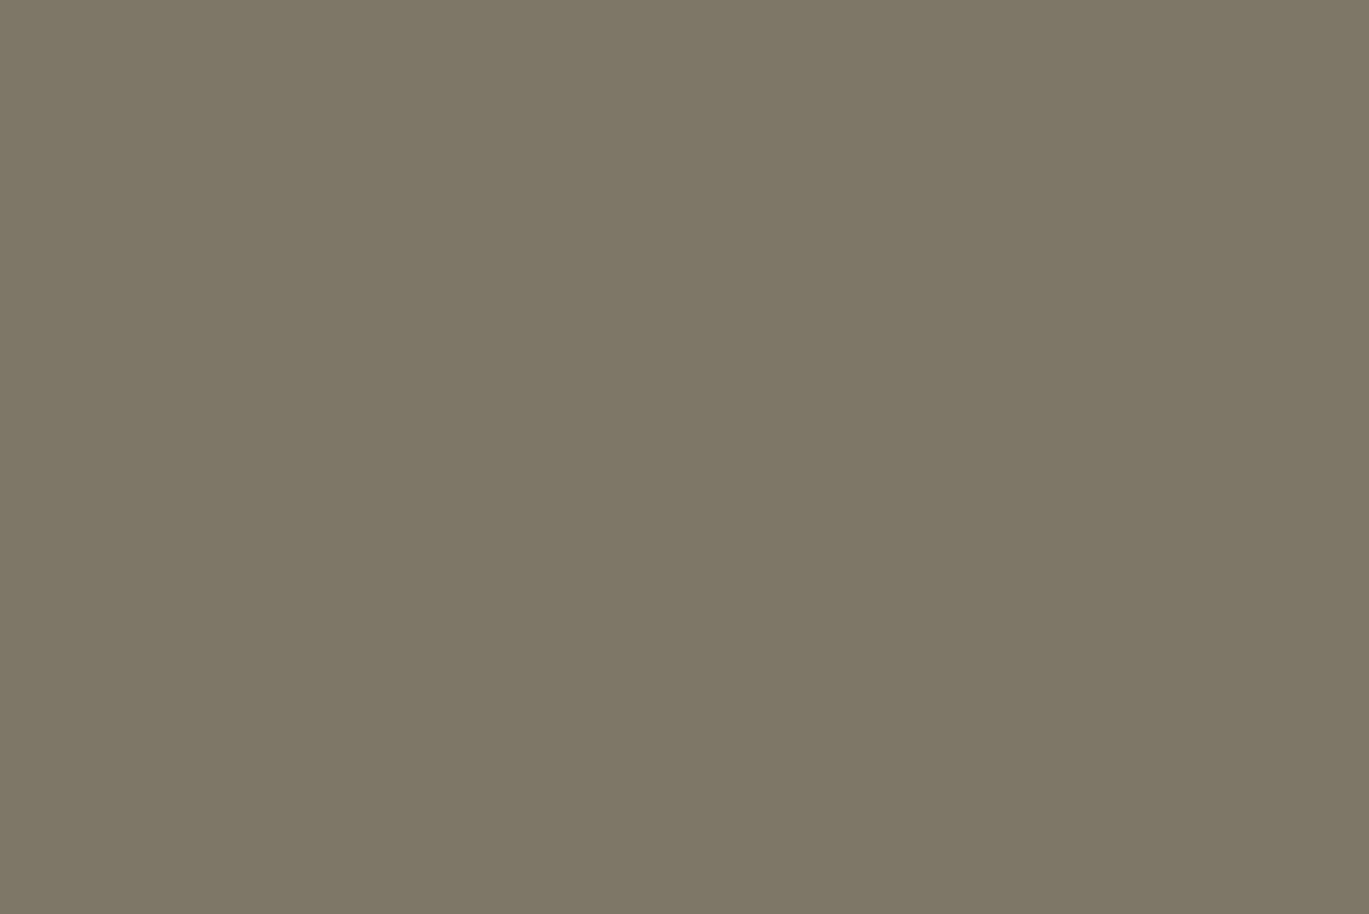 519061.average - Народный промысел родного края